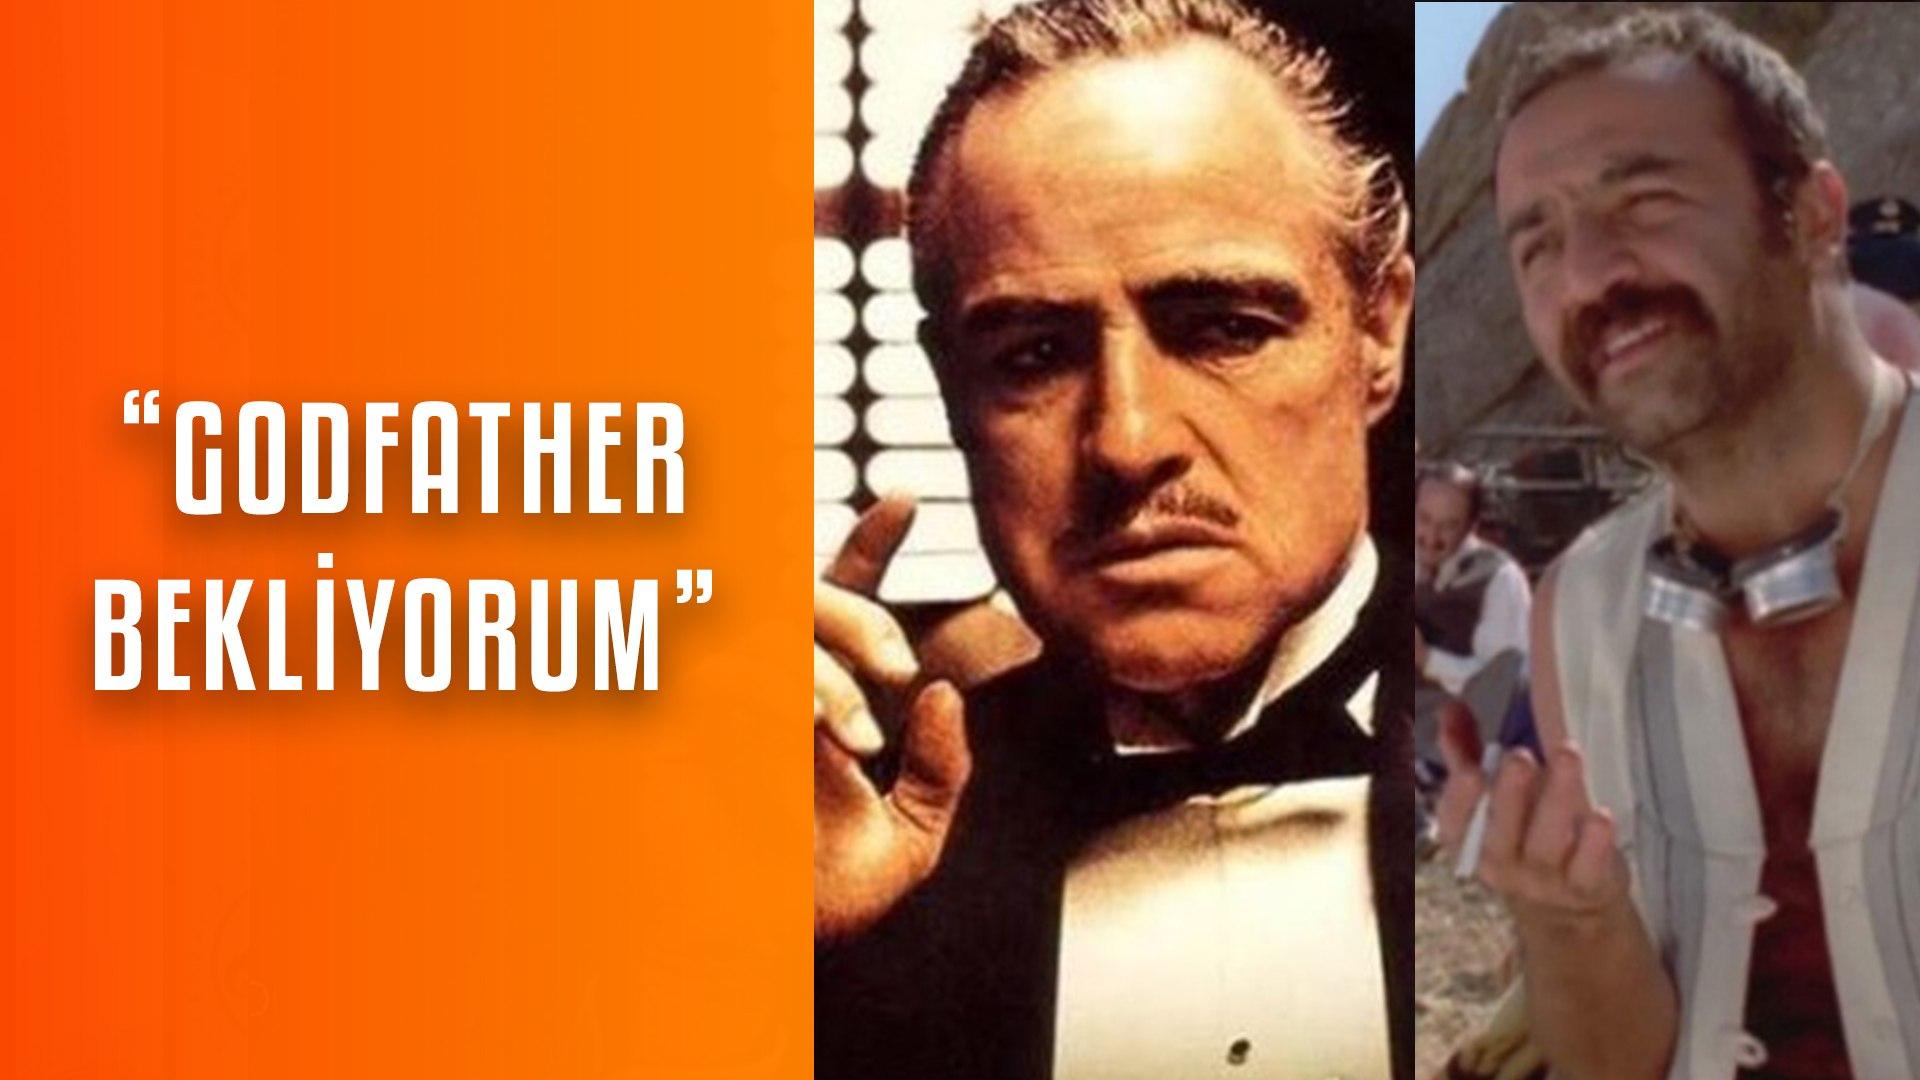 Yılmaz Erdoğan Vizontele'ye Godfather benzetmesi yaptı!